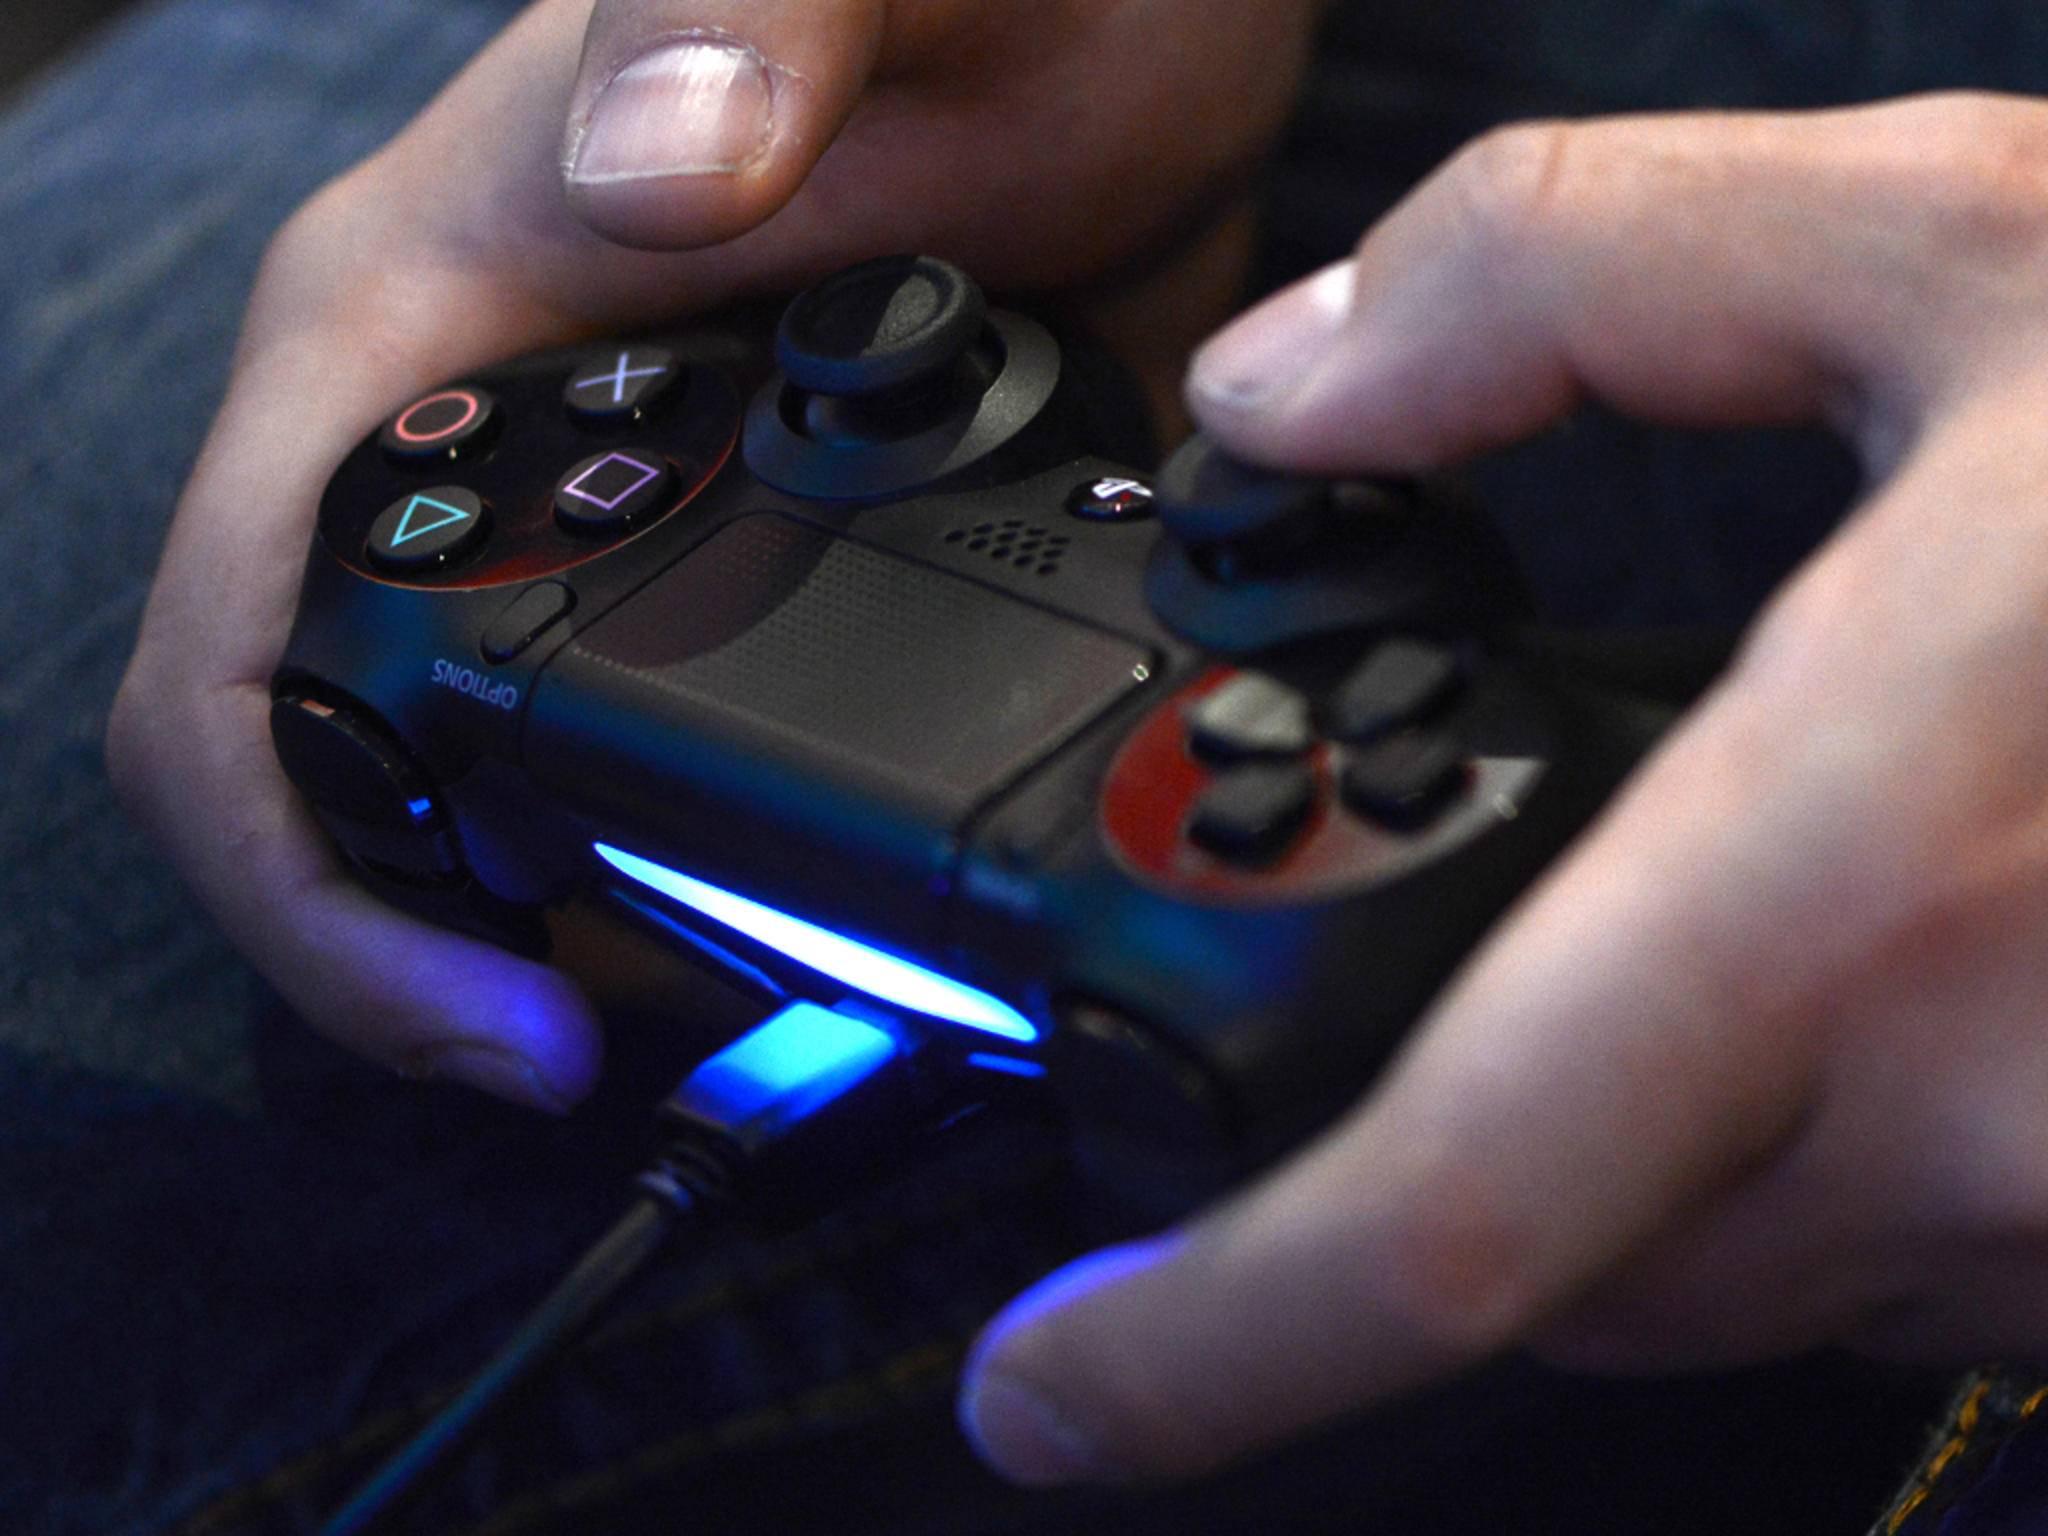 Mit einigen Tipps kannst Du noch mehr aus der PS4 herausholen.